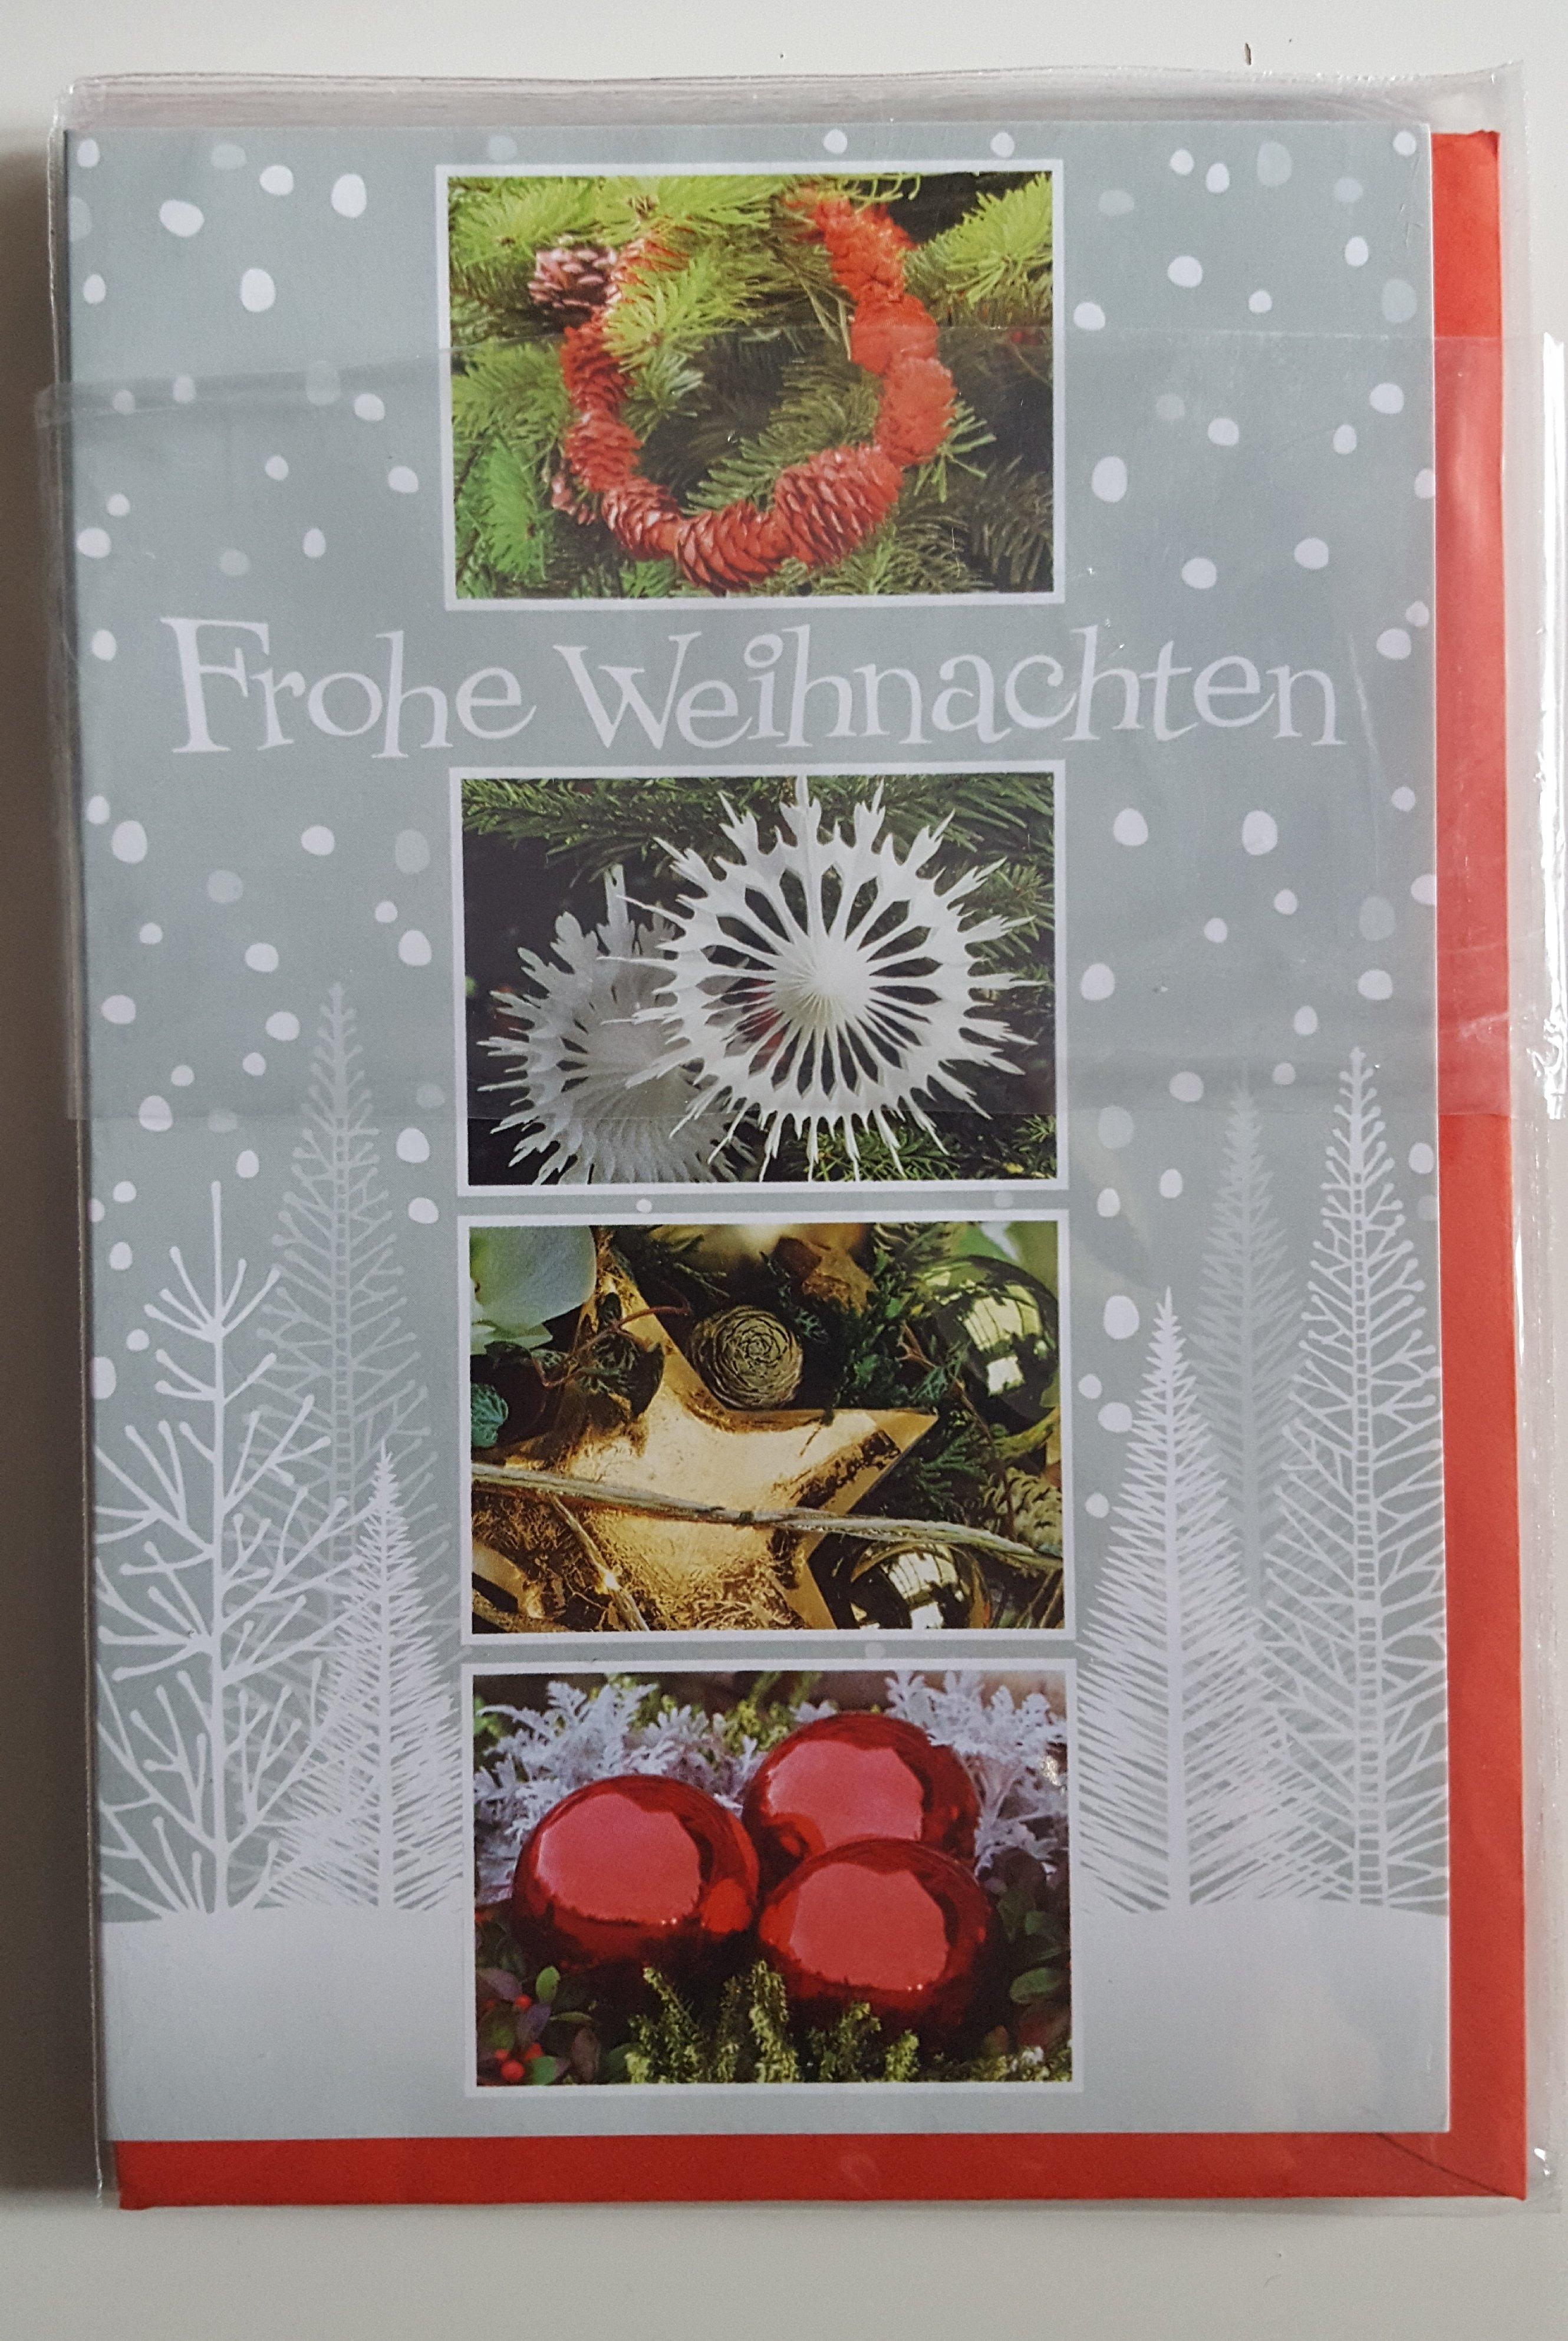 Weihnachts Grußkarte mit rotem Umschlag Taunus Verlag 401